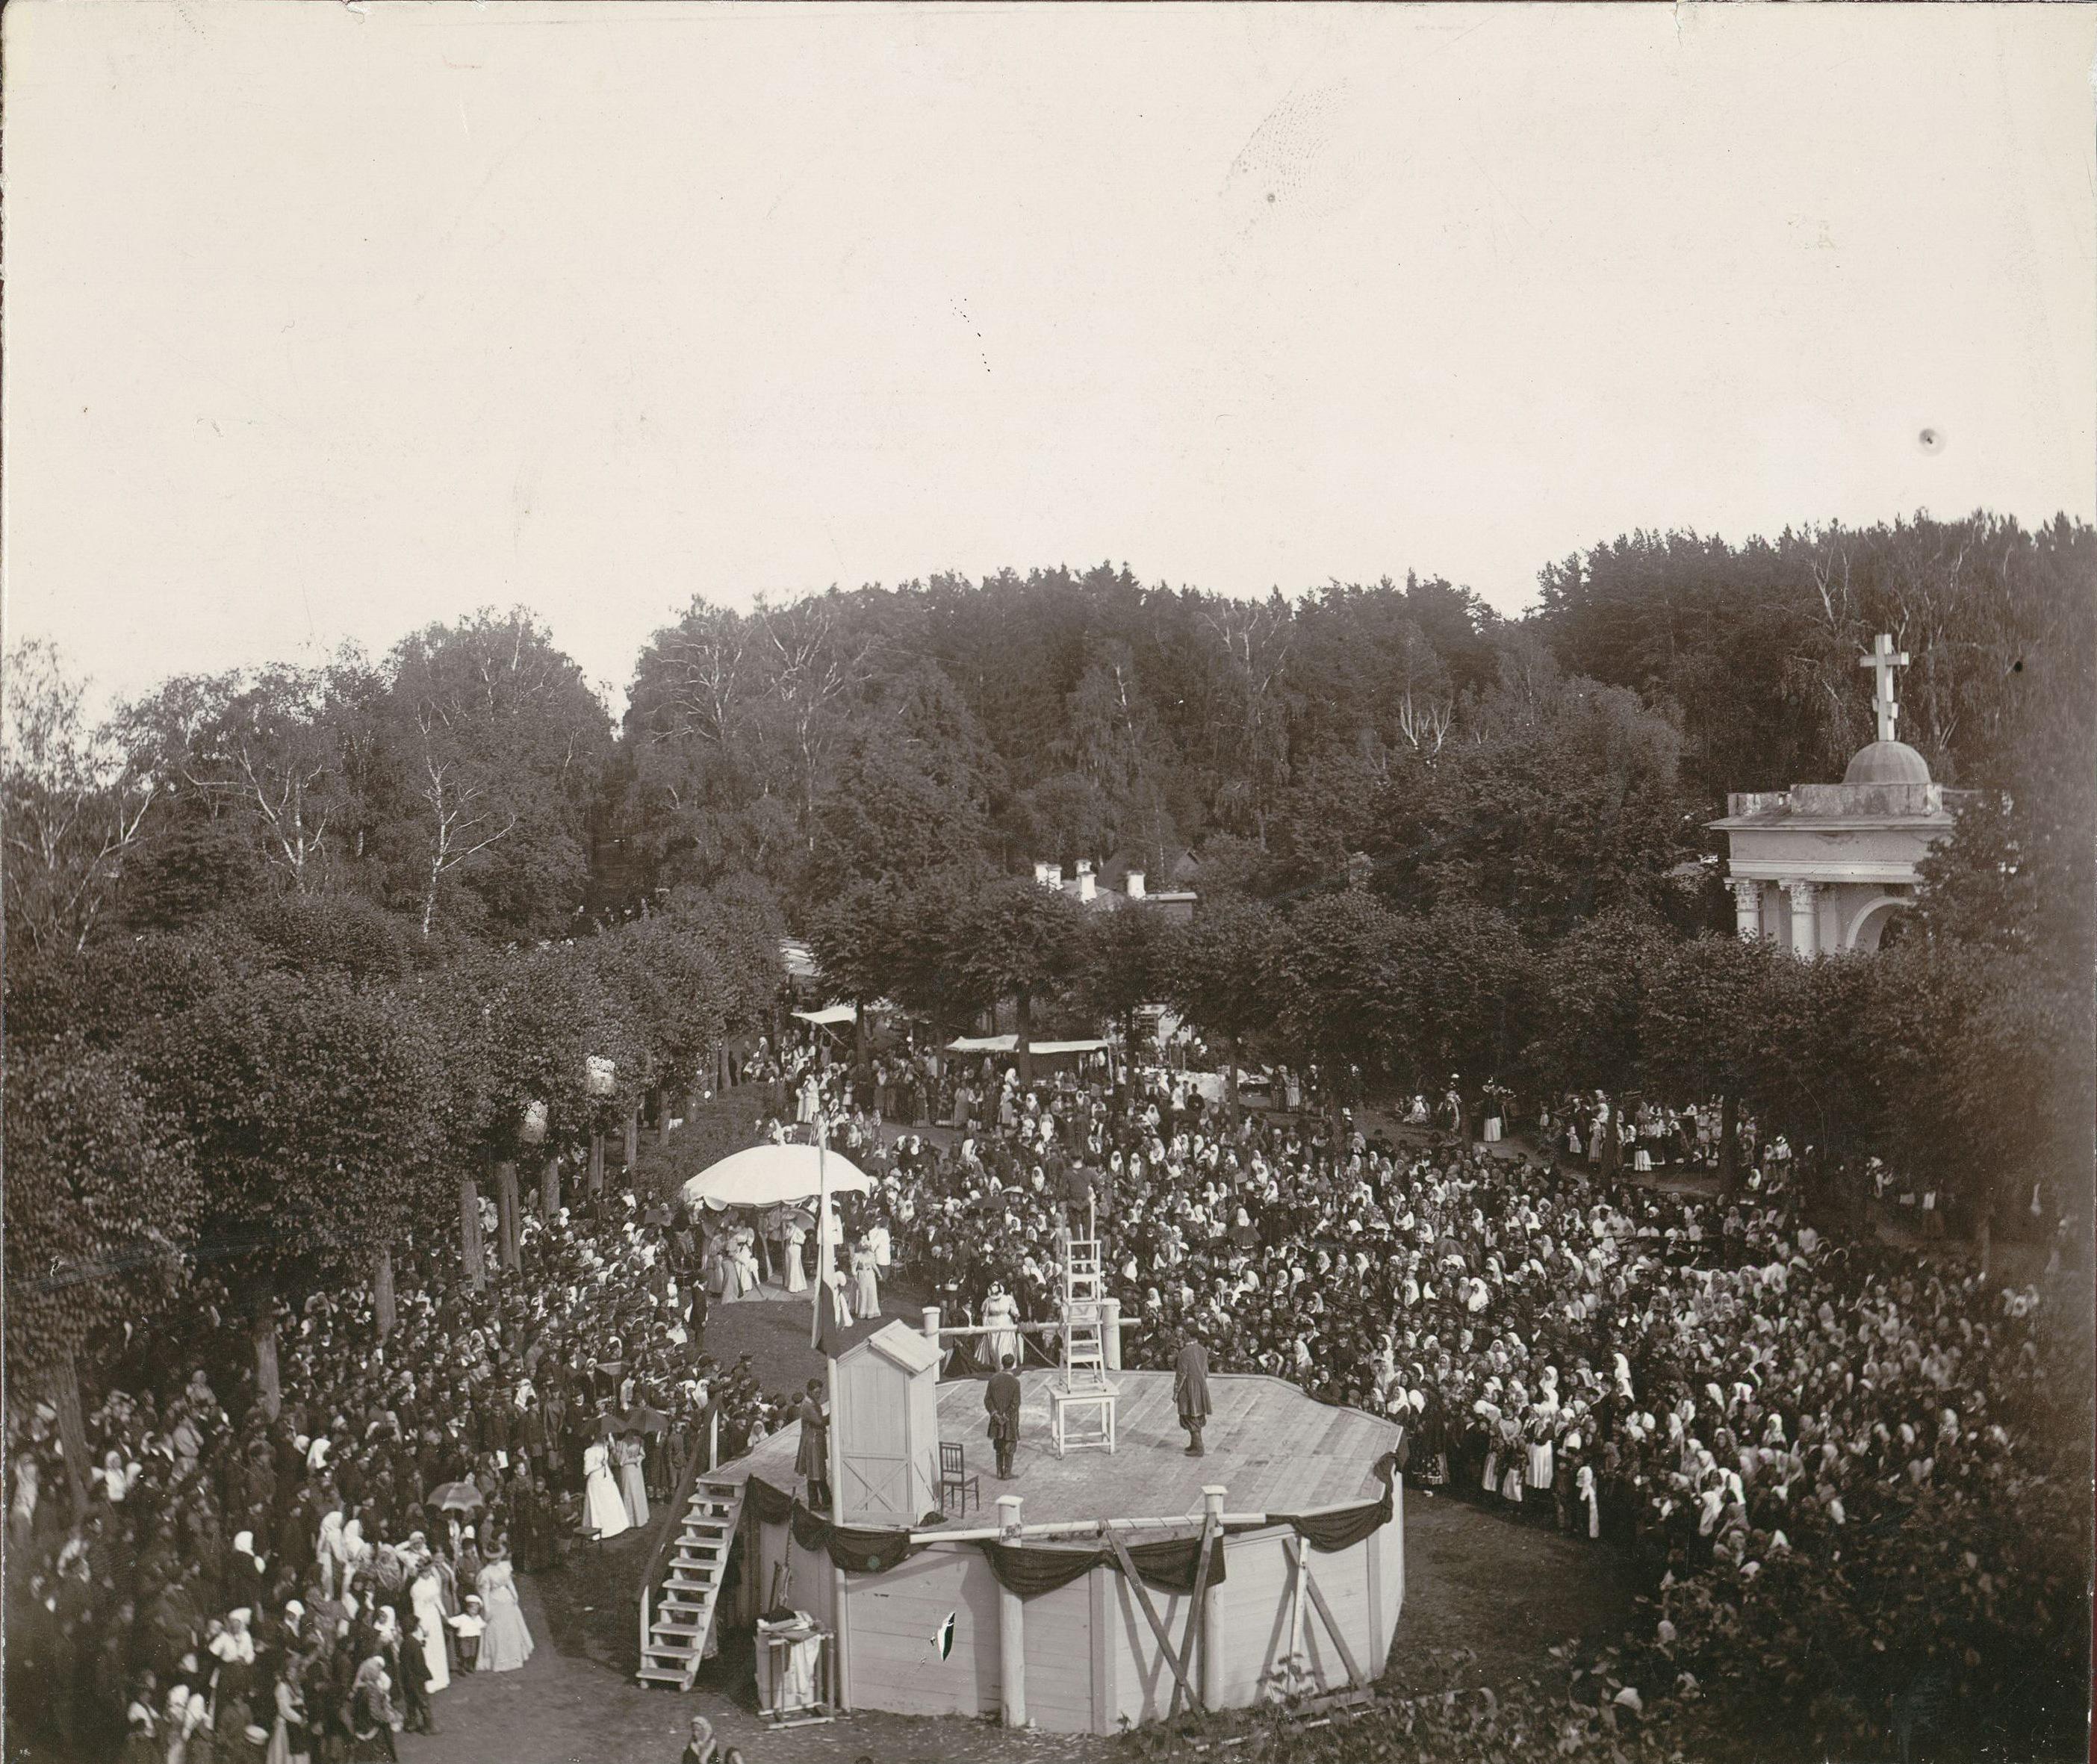 Народное гулянье в парке. Цирковое представление на подмостках. Под большим белым зонтом семья князей Юсуповых.1890-е